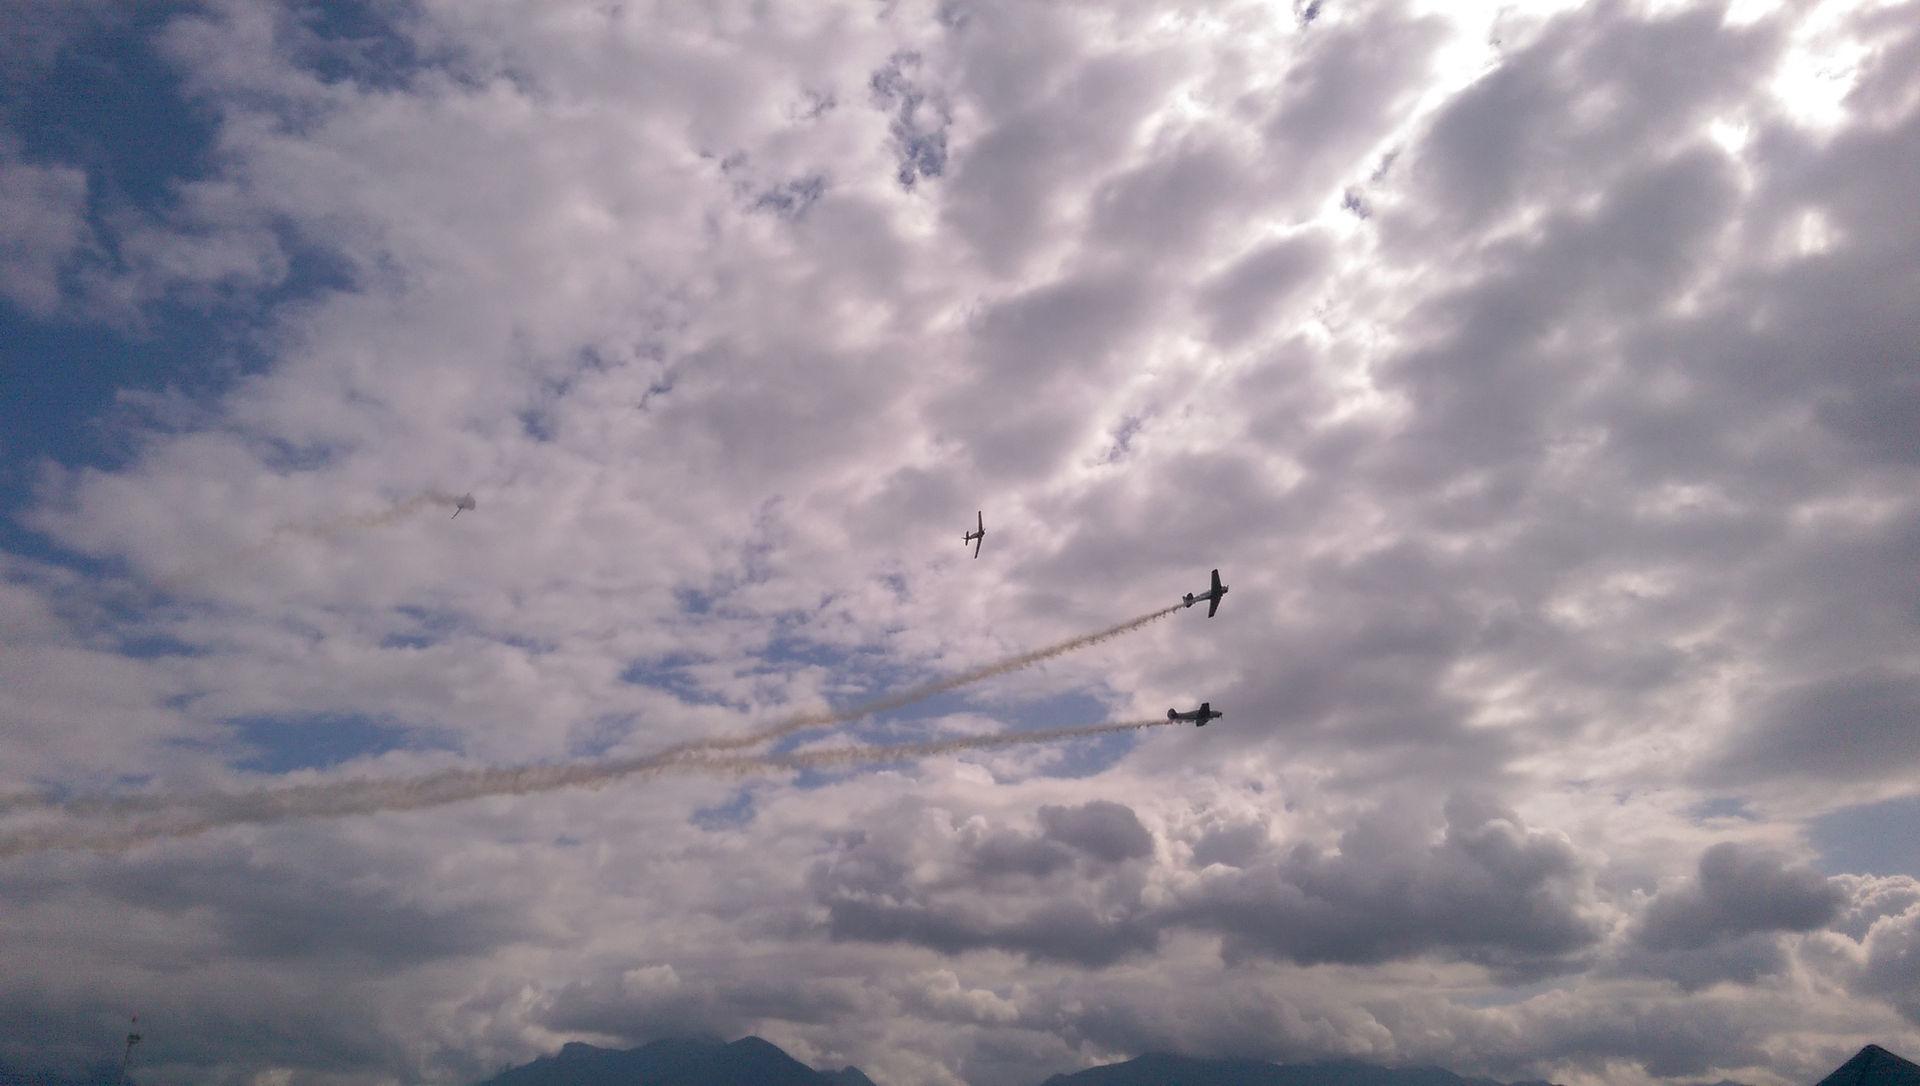 Aerial formation breakaway